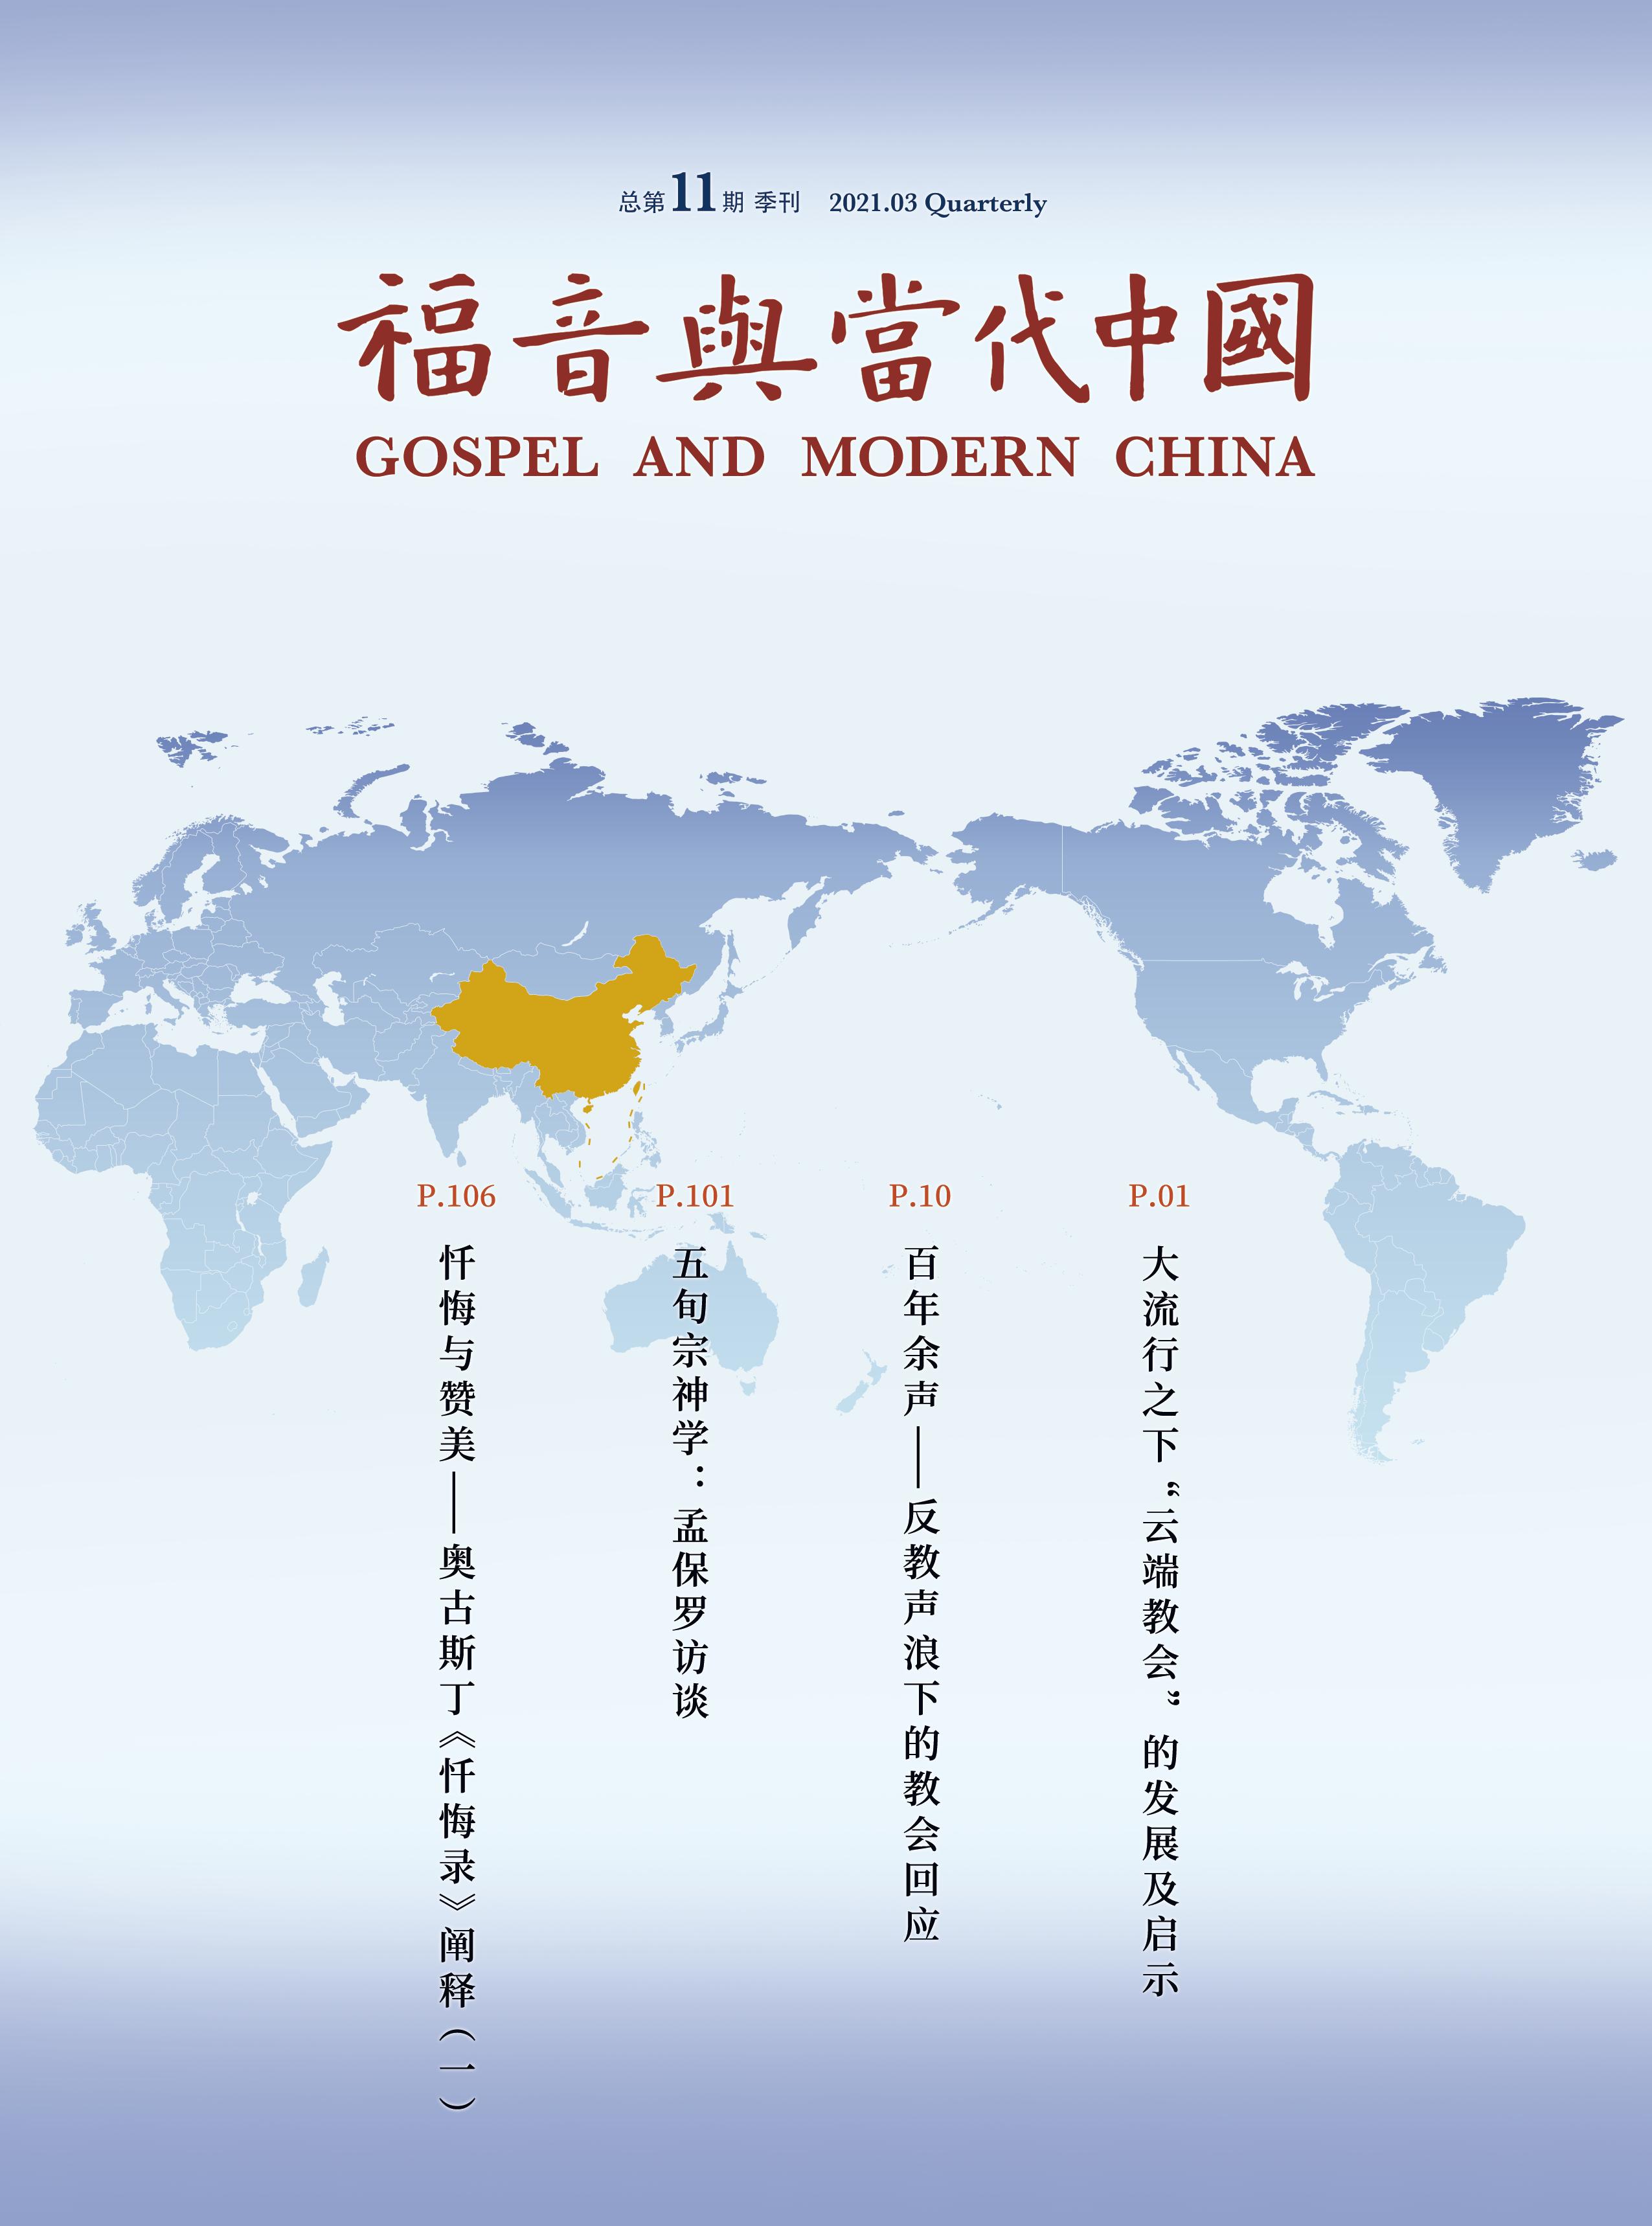 《福音与当代中国》杂志总第11期出炉!